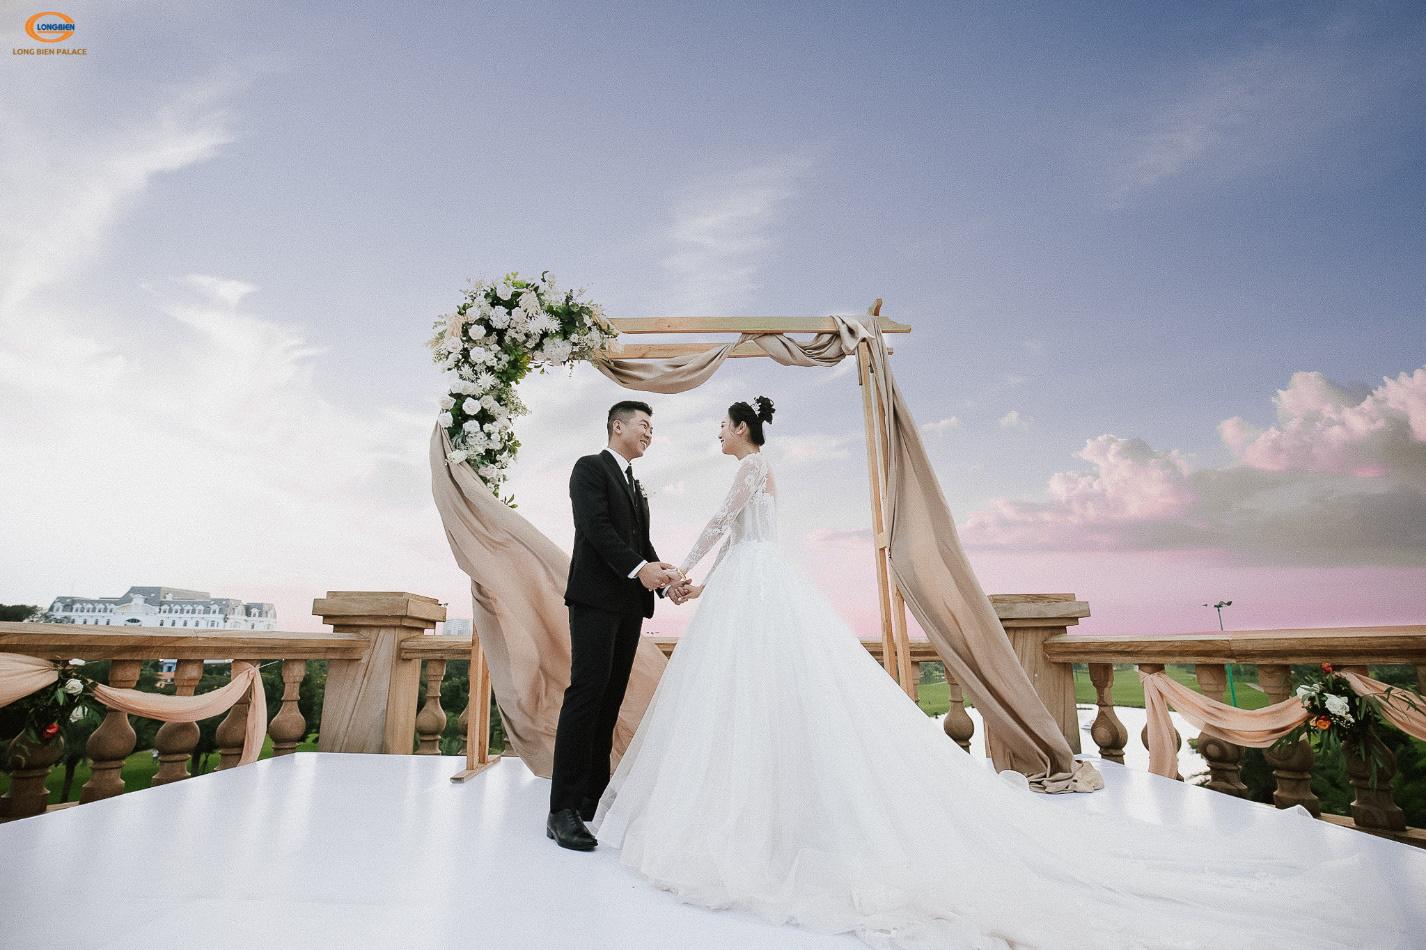 Tiệc cưới thơ mộng như ở trời Tây giữa lòng Hà Nội - Ảnh 1.